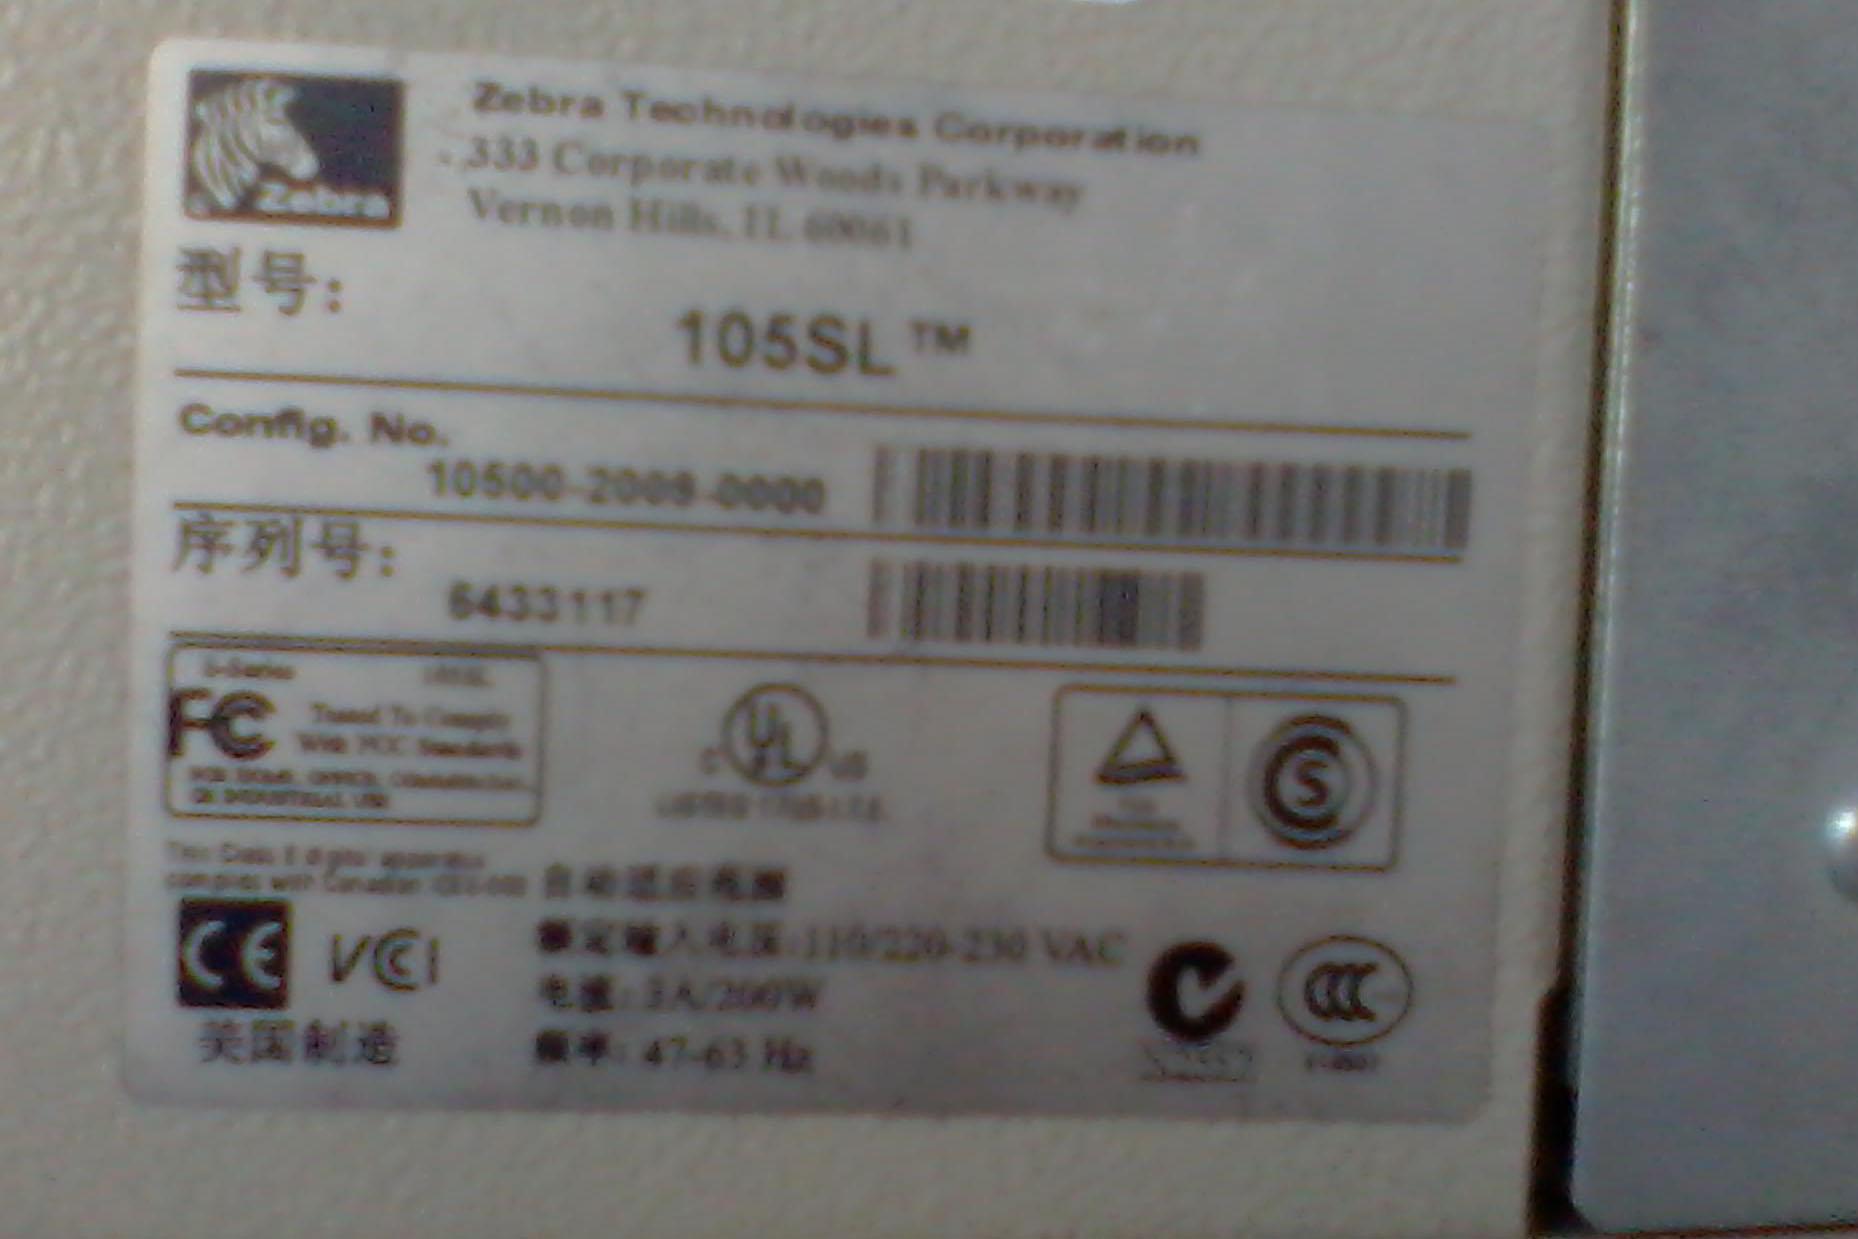 105sl机身标签